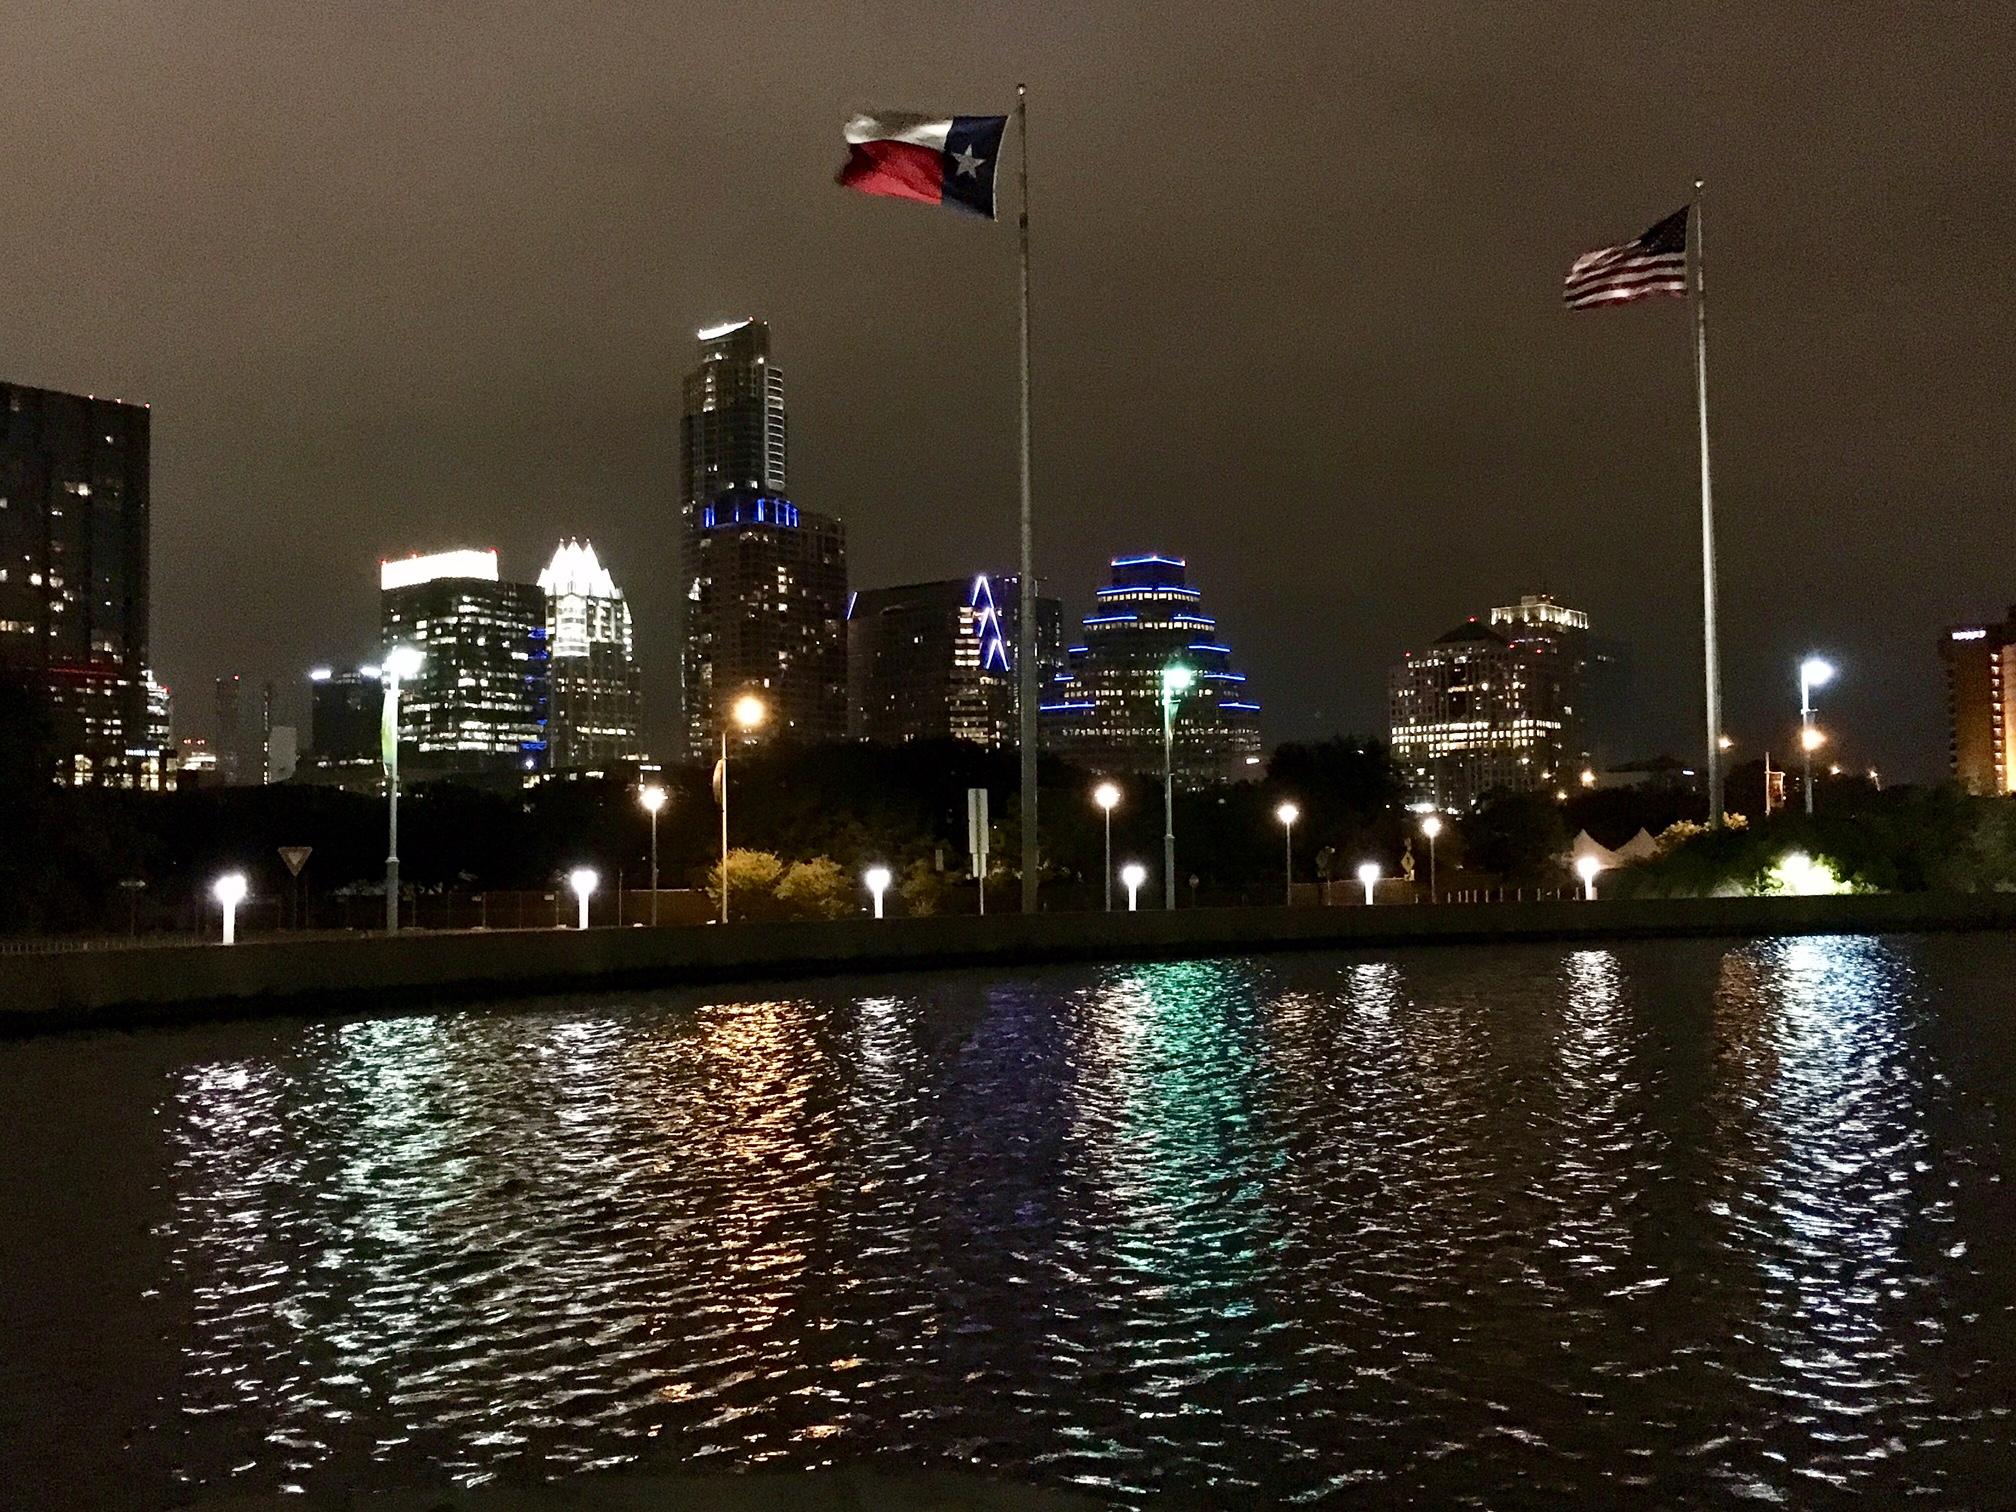 a breezy, quiet evening stroll near the Long Center